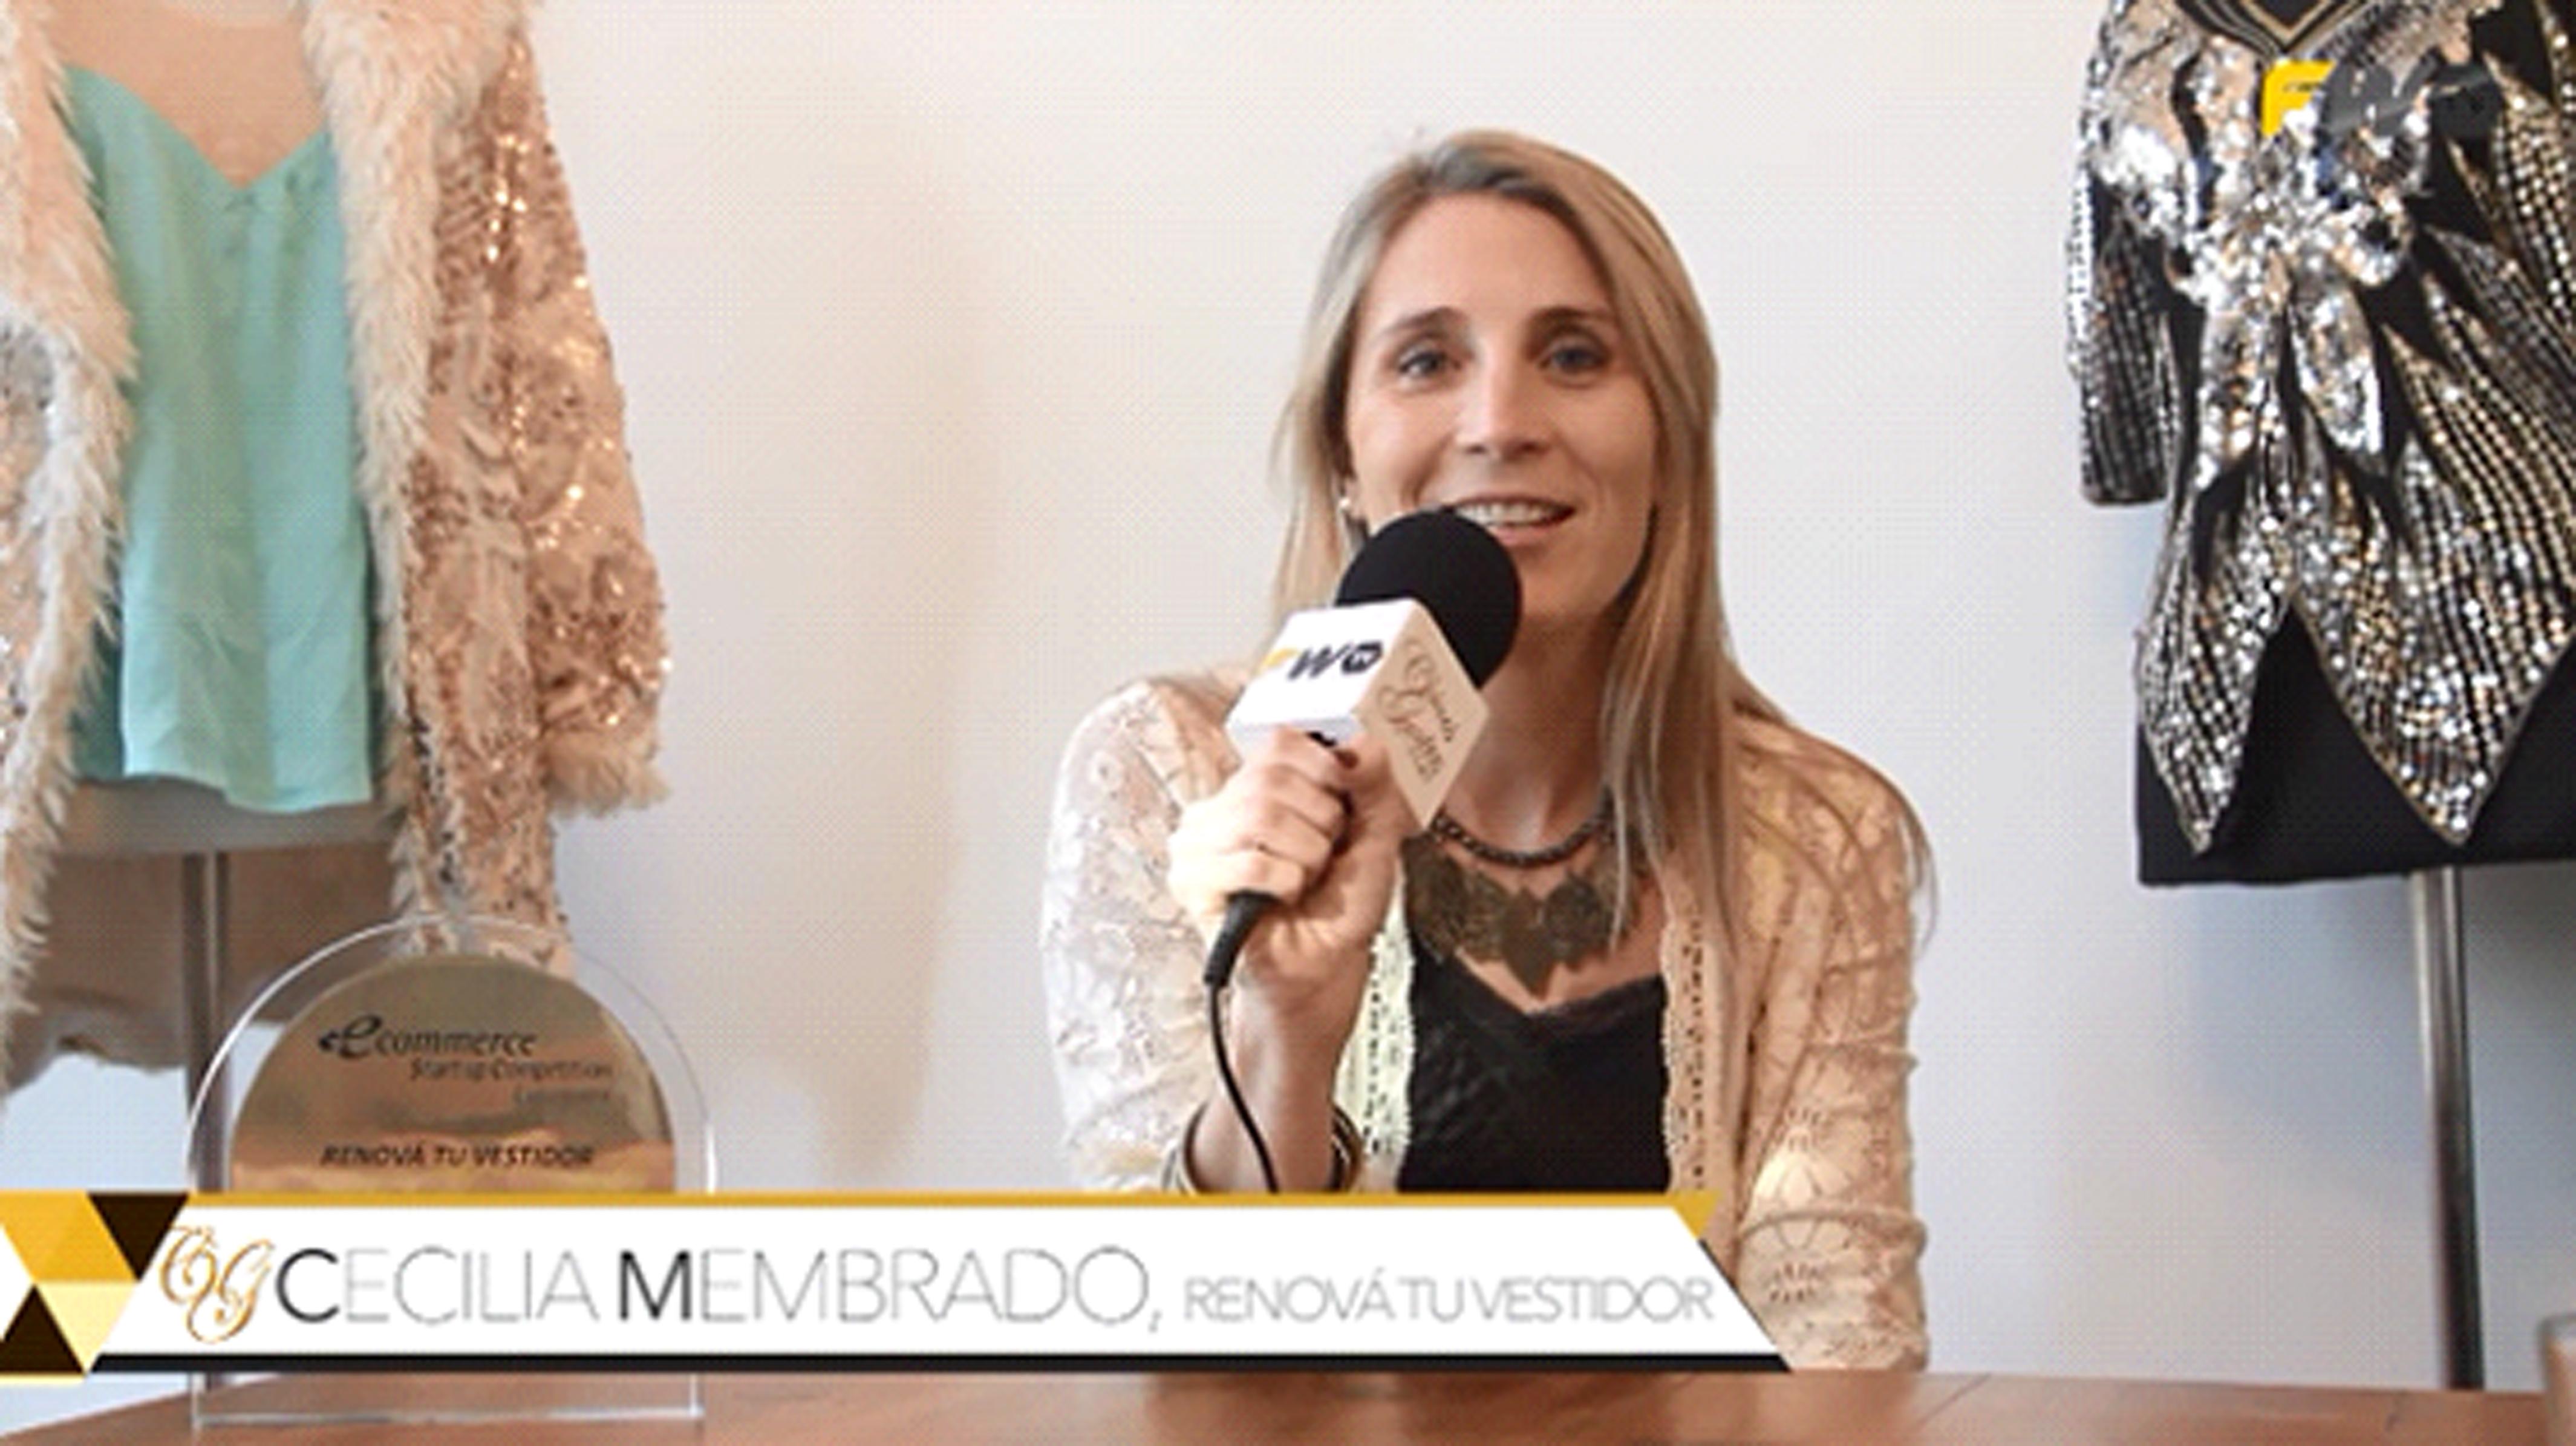 #Emprendedoras Cecilia Membrado te presenta la solución con su emprendimiento  ¡Renová tu vestidor!